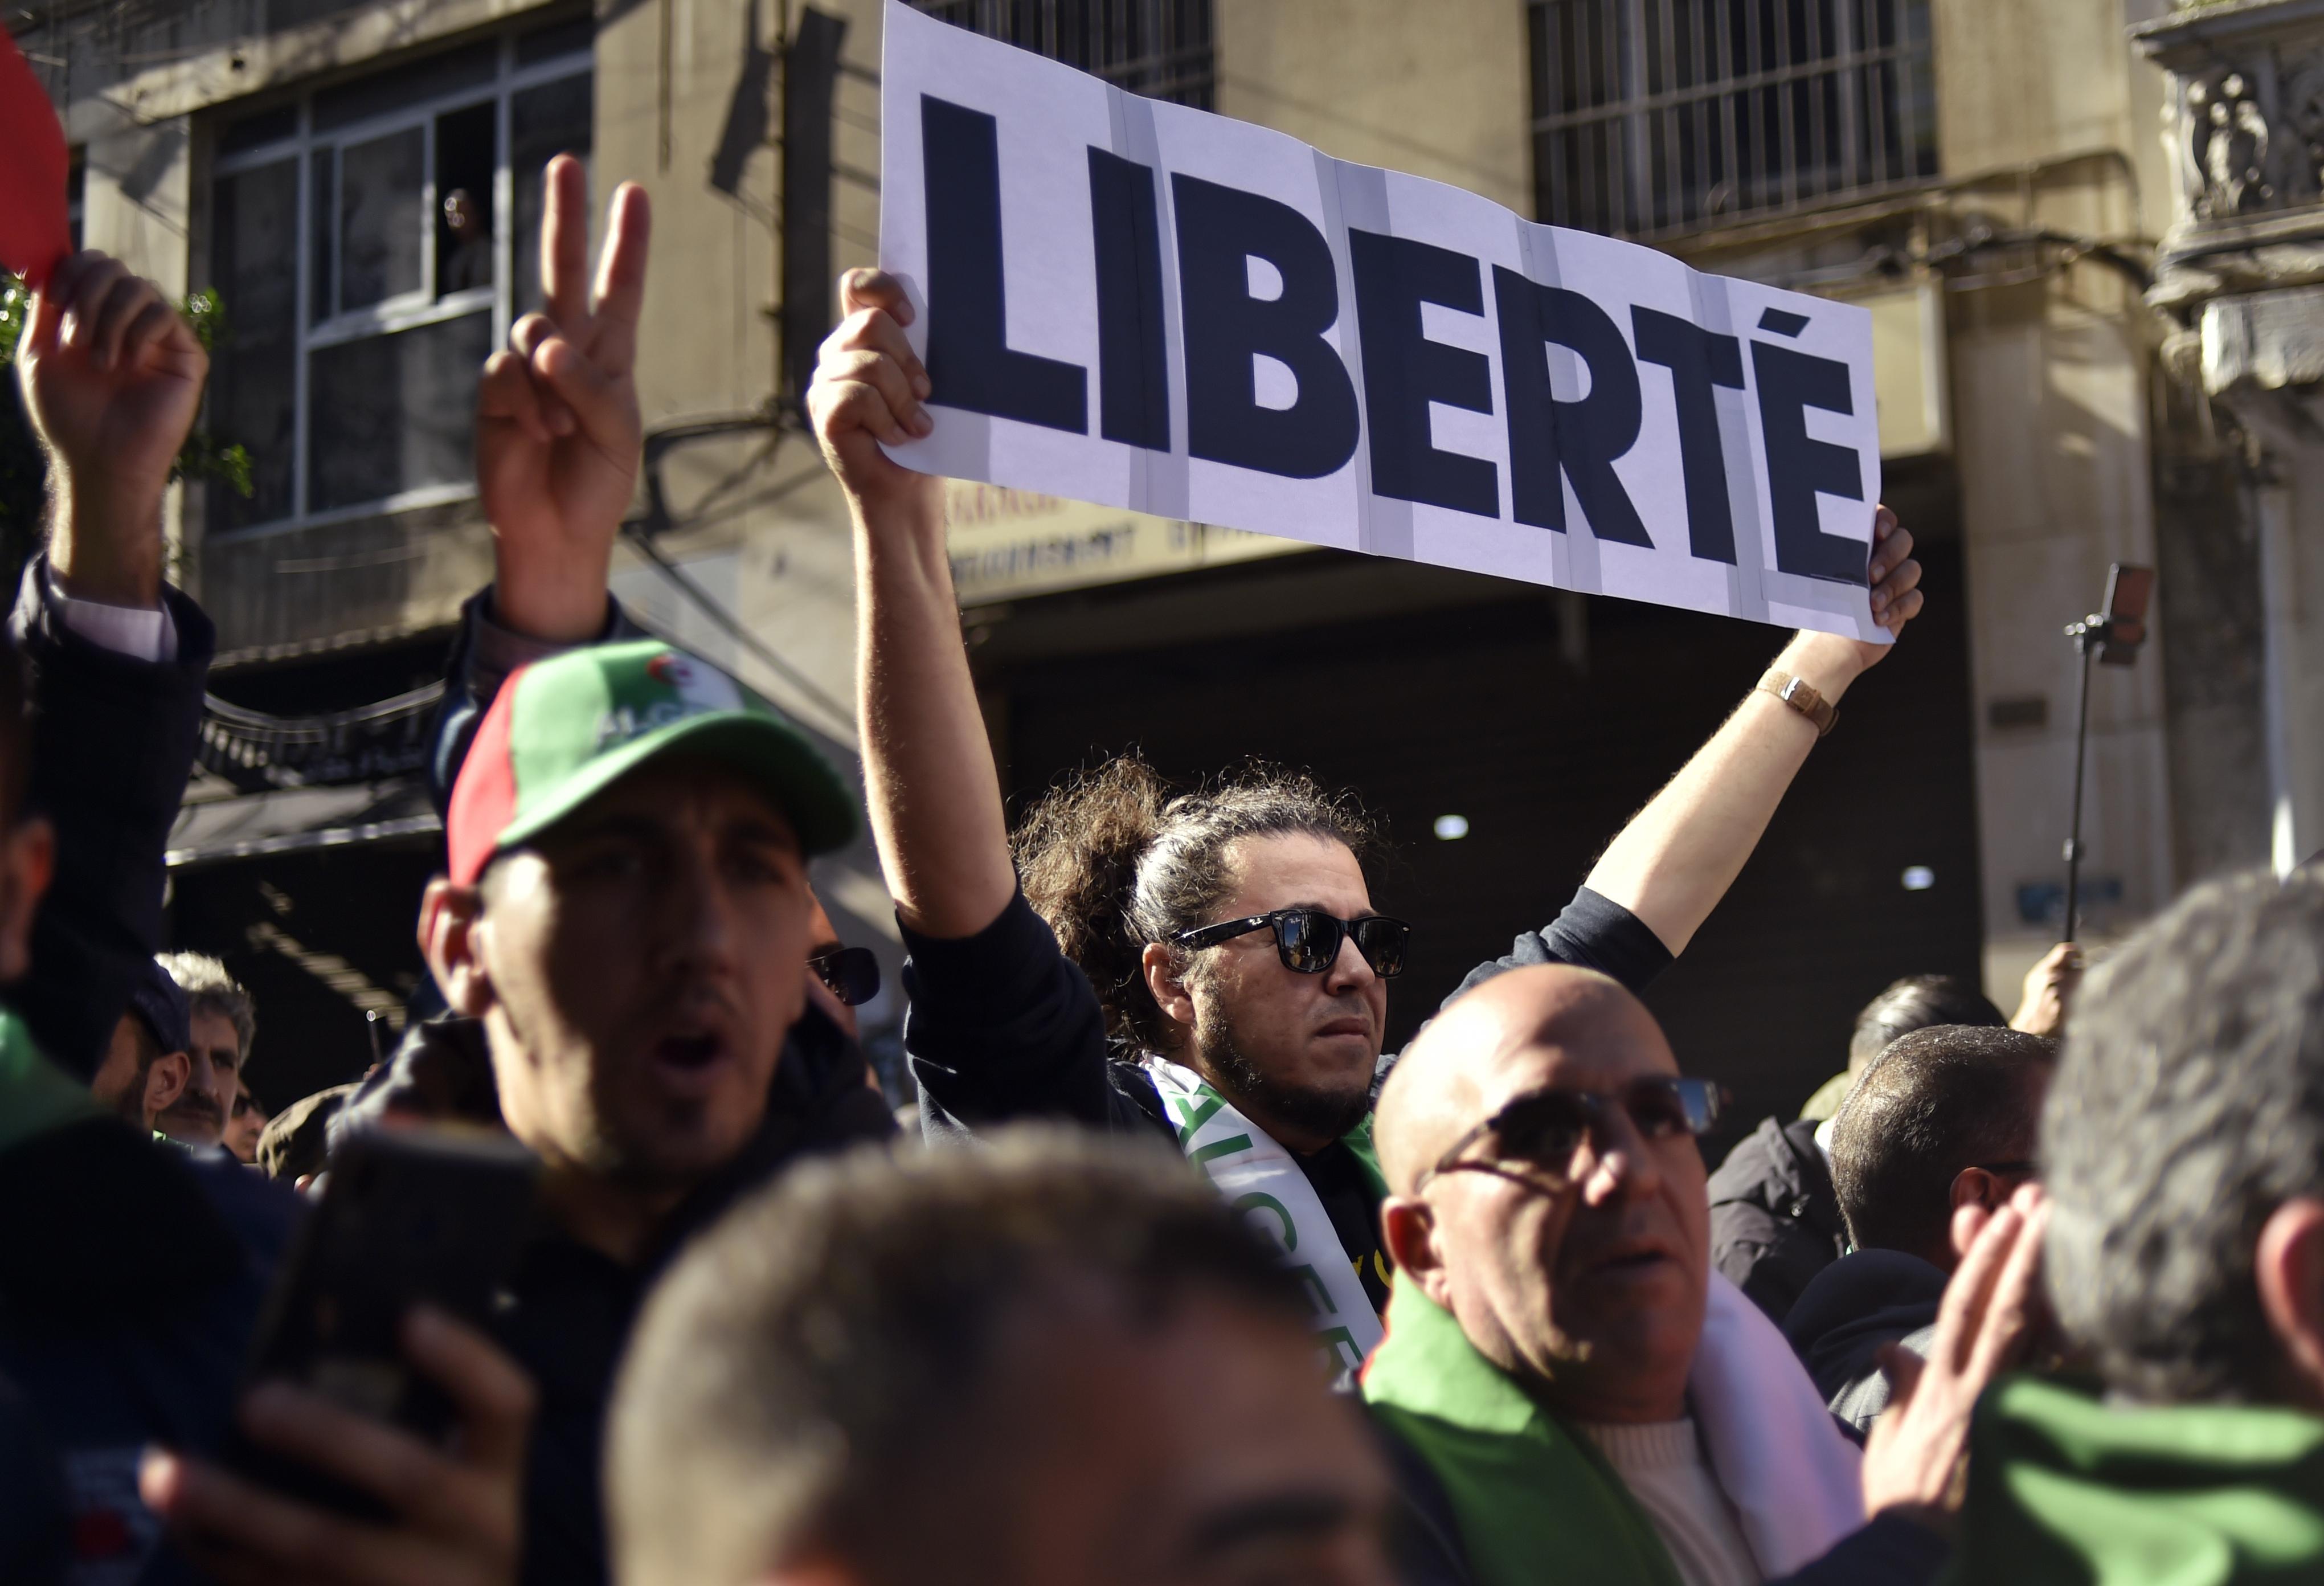 تظاهرة في الجزائر رفضا للانتخابات الرئاسية